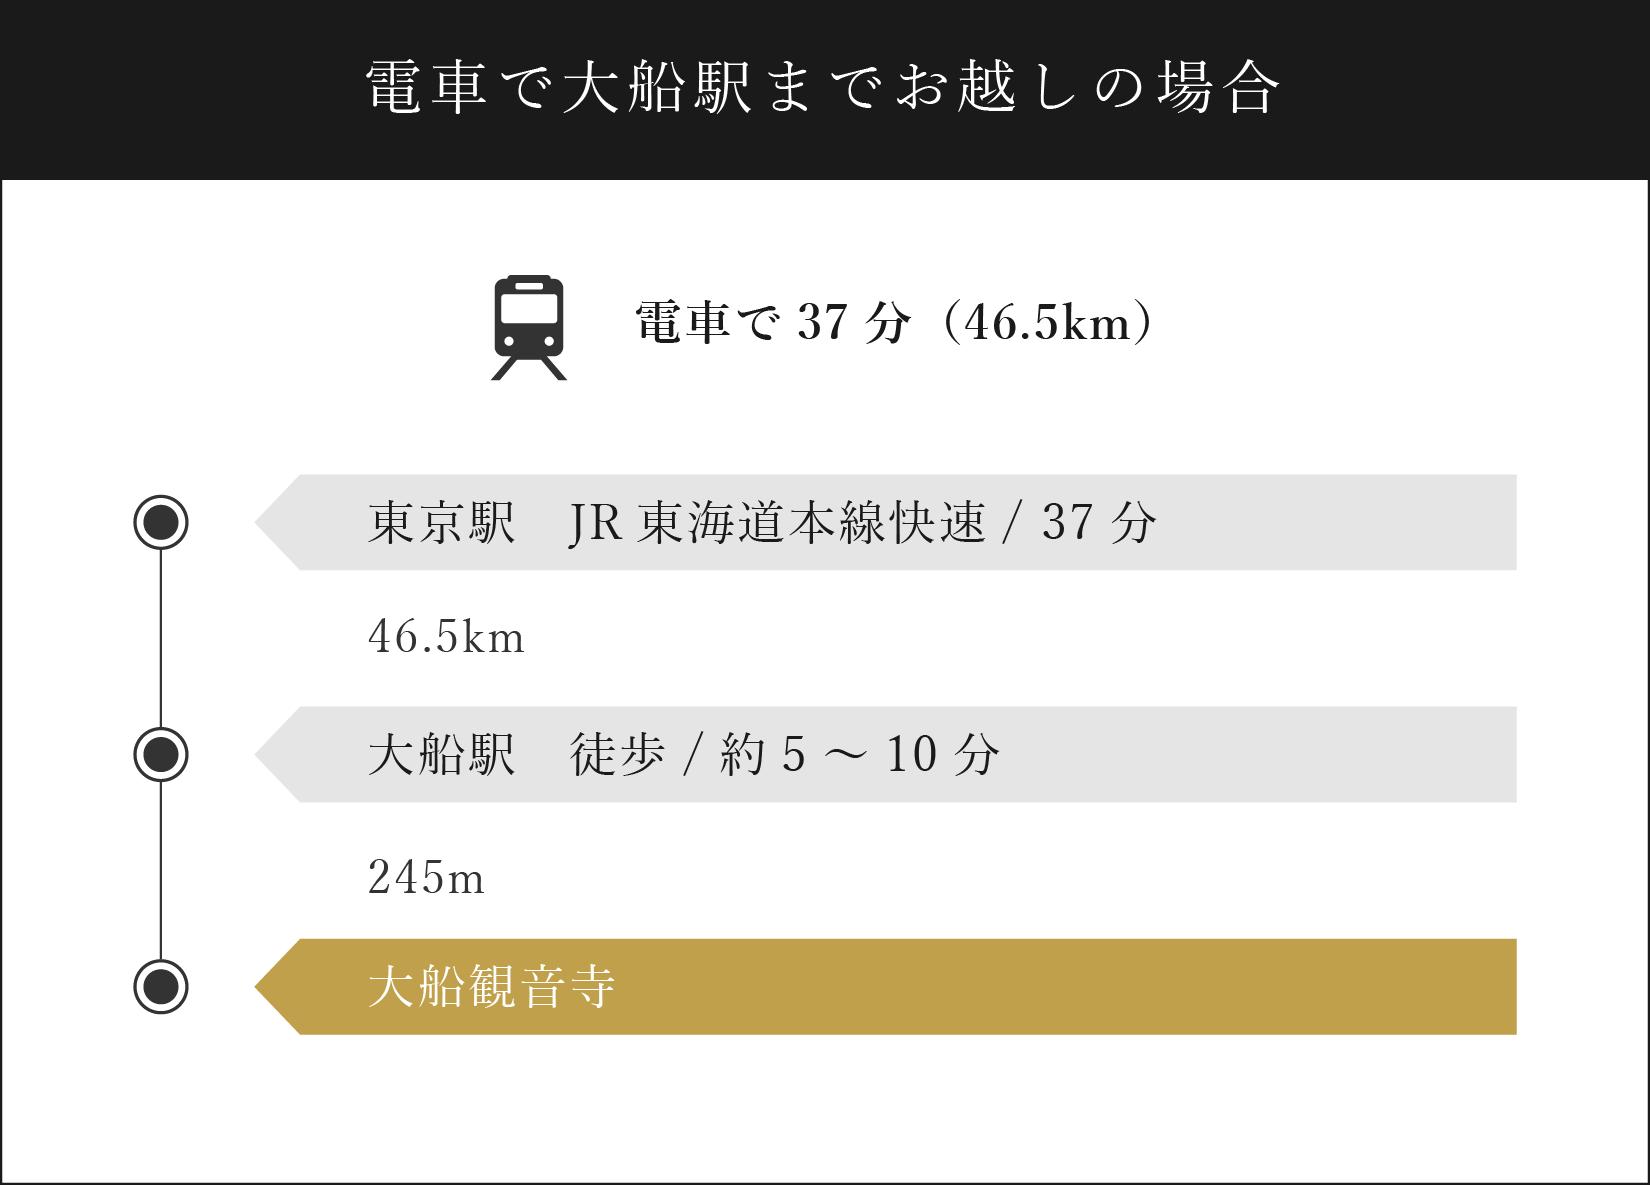 電車で大船駅までお越しの場合:大船駅から徒歩/約5~10分、245mで大船観音寺